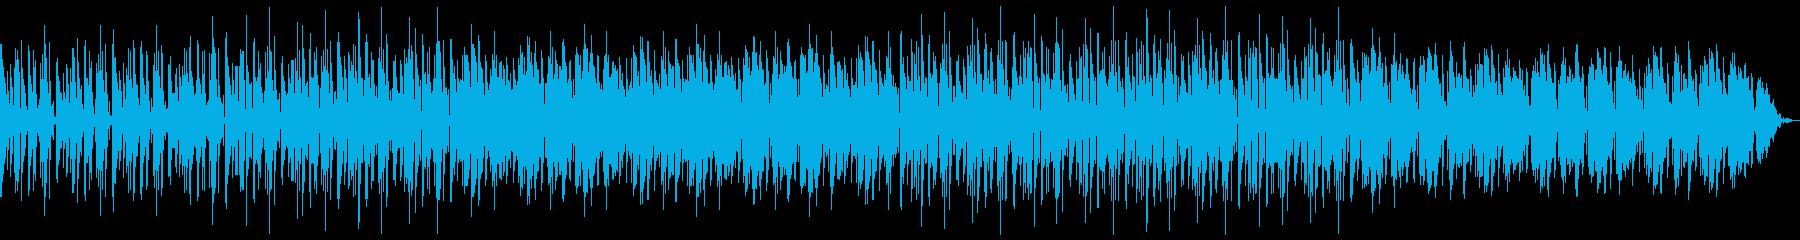 明るめのドラムンベースの再生済みの波形